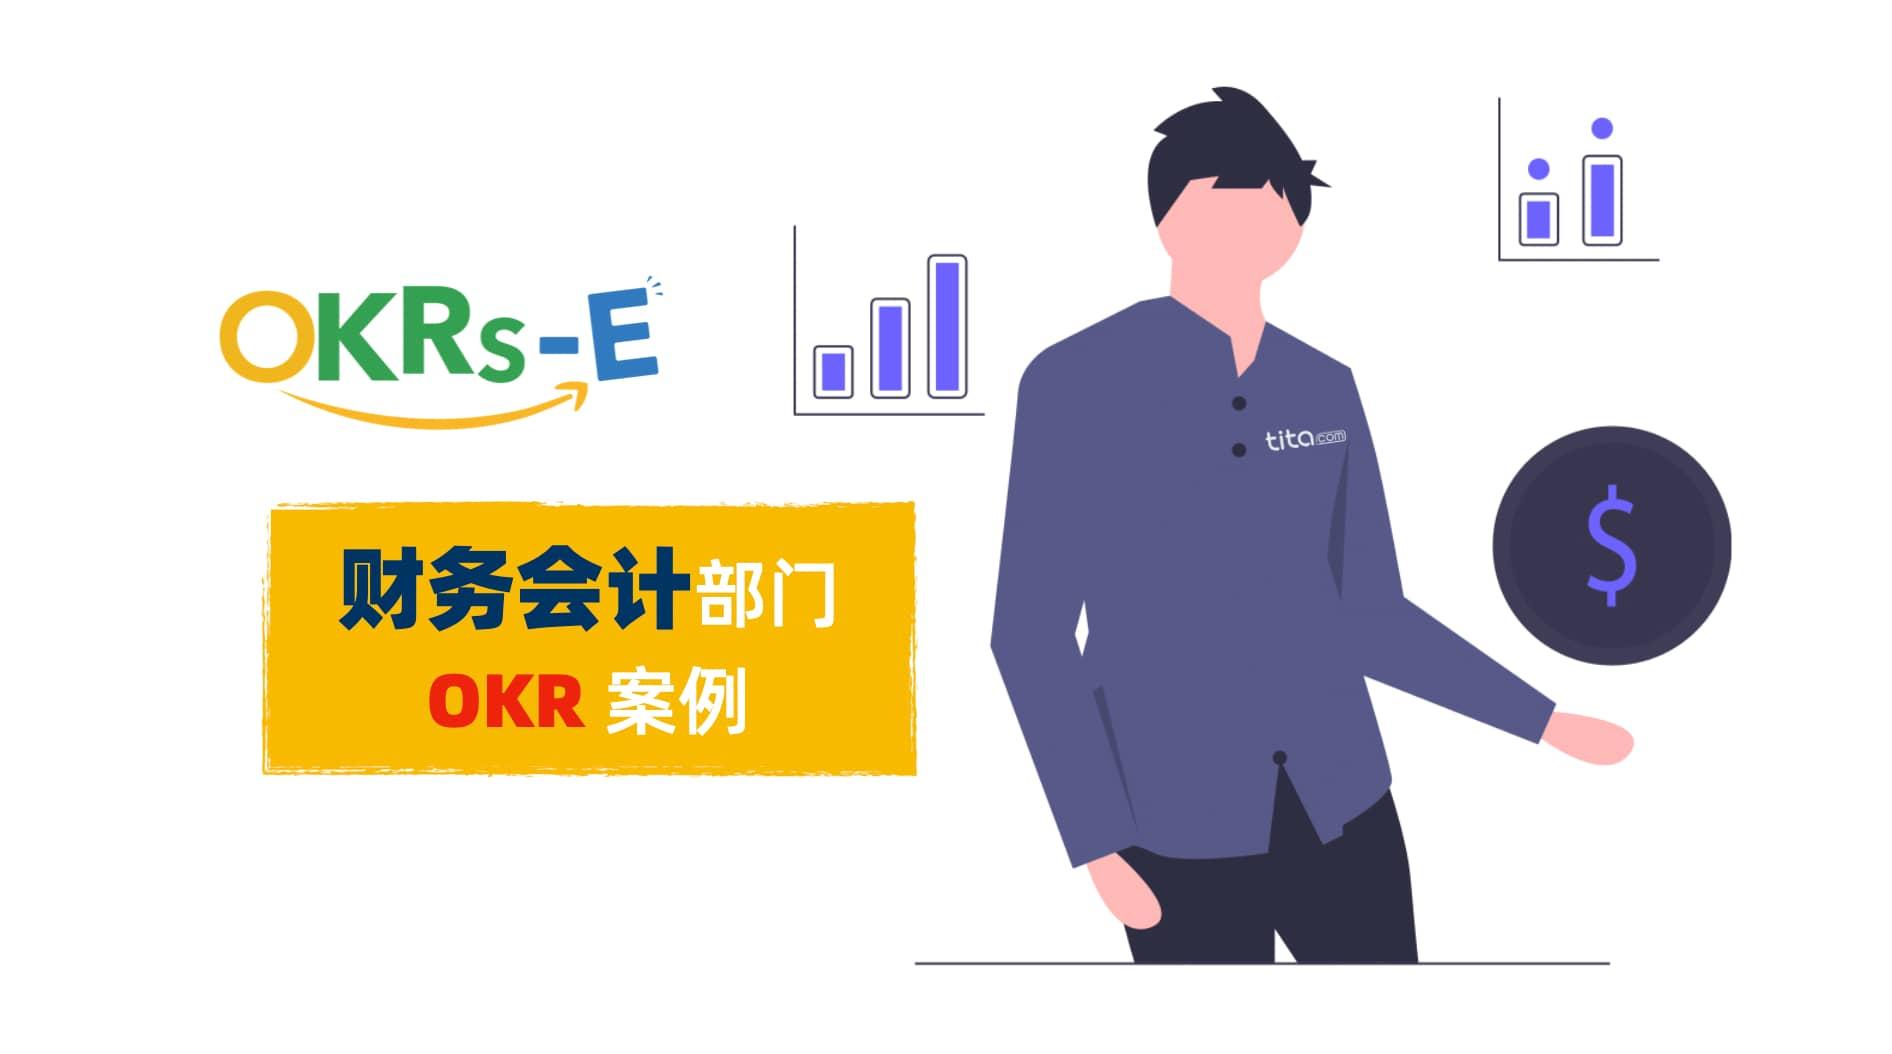 财务会计部门的 OKR 案例